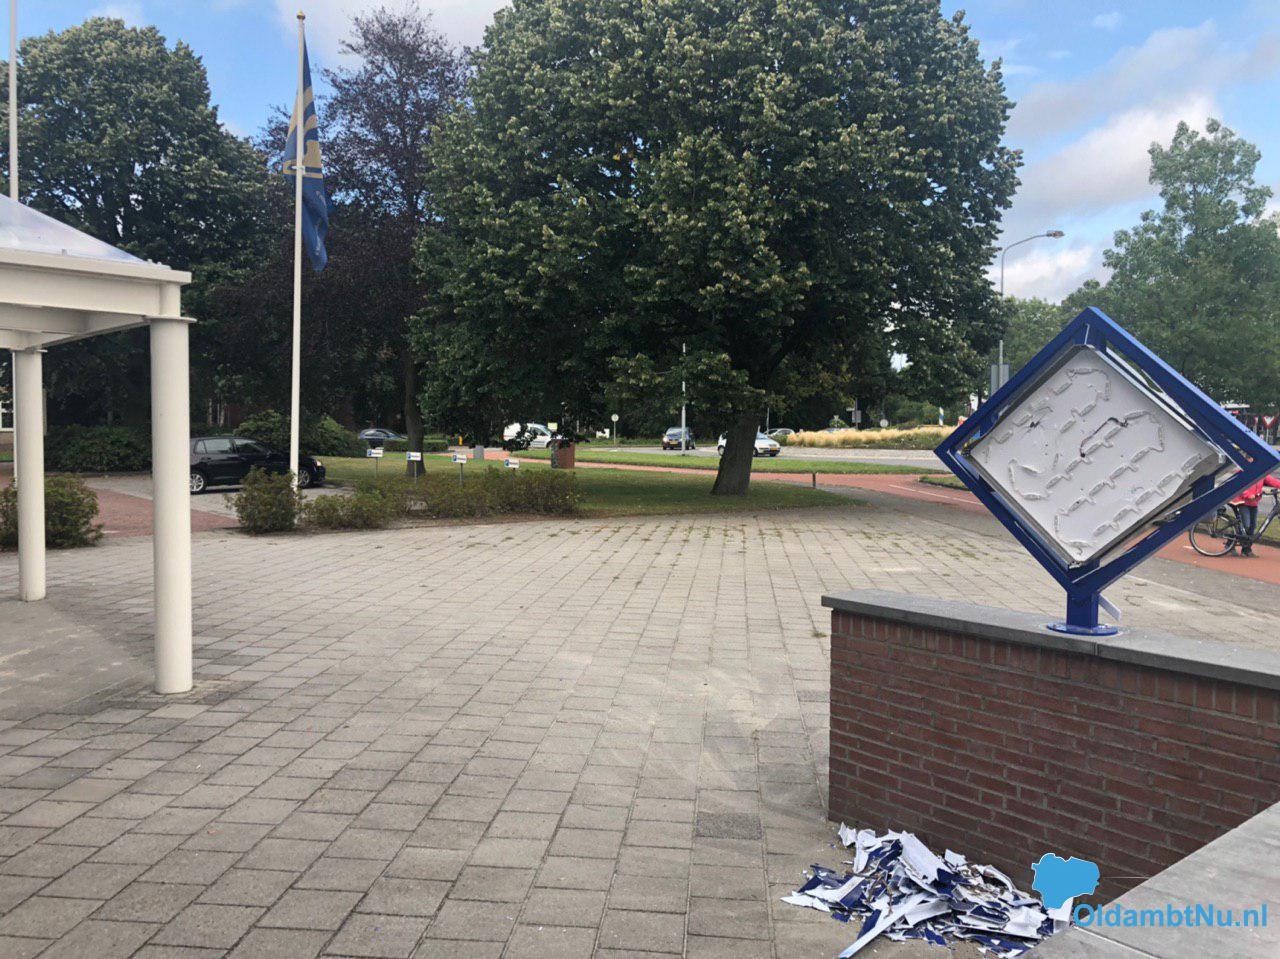 Politie zoekt vandalist na vernieling bij politiebureau